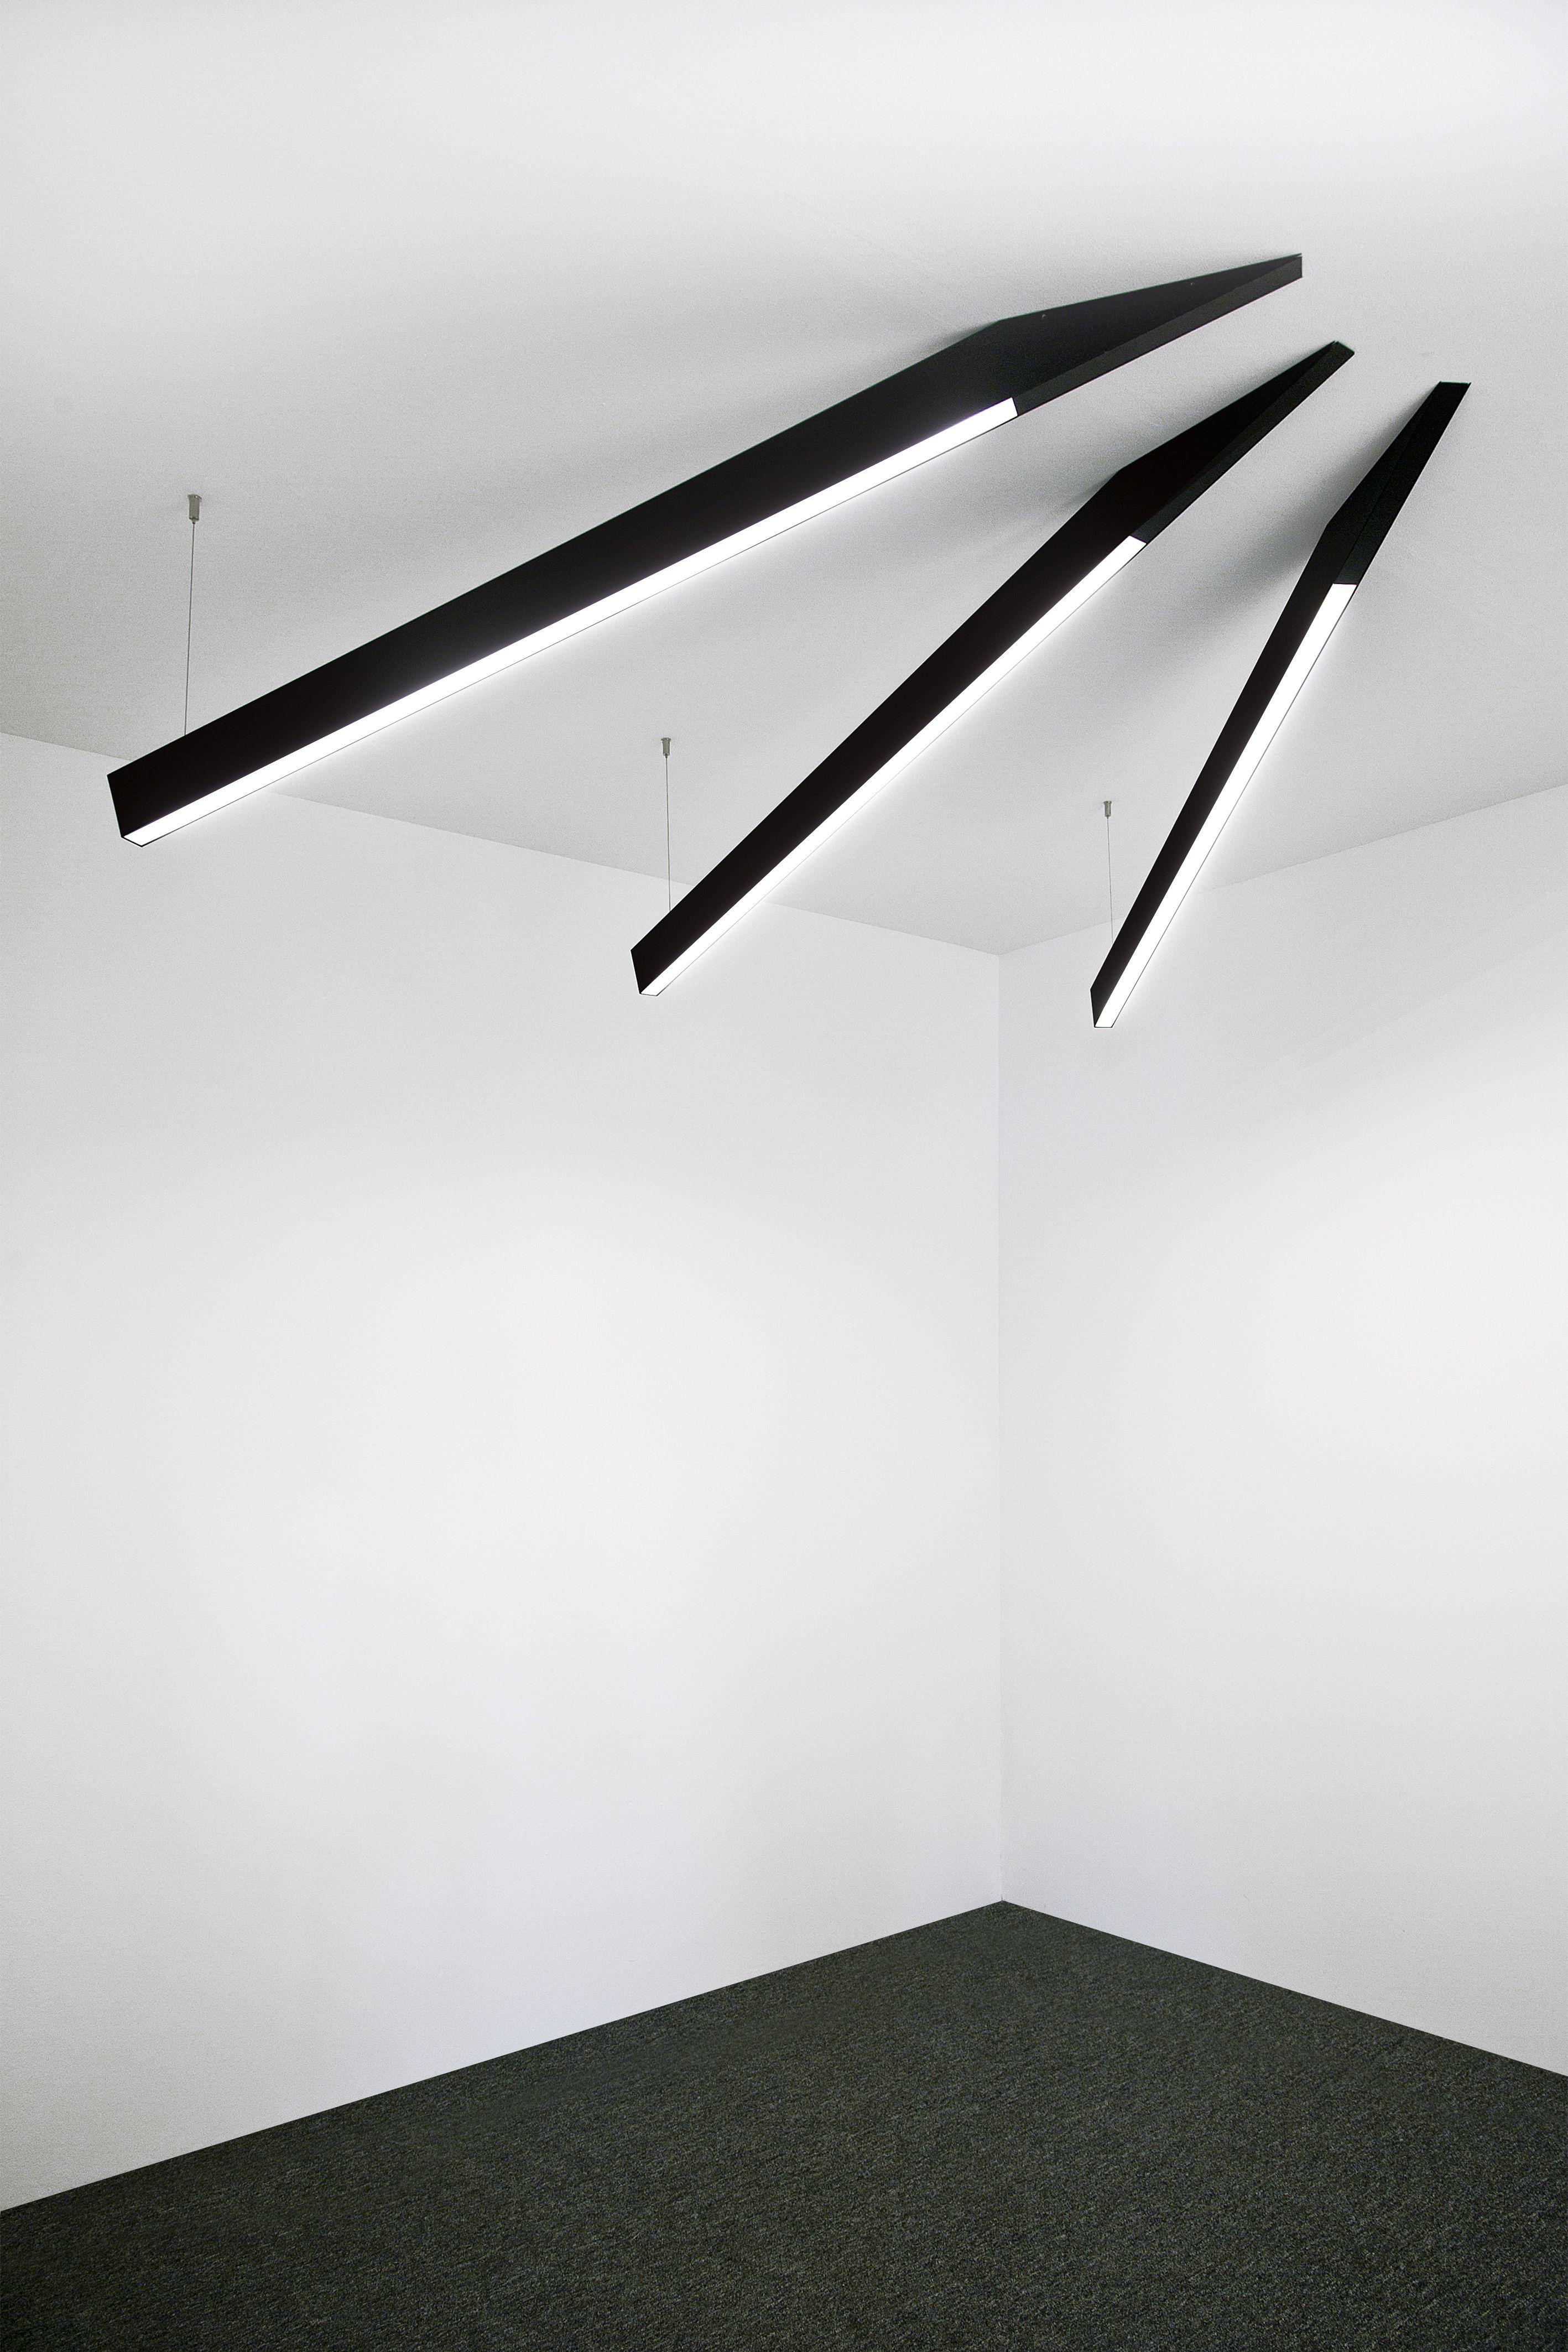 ANGLE BEAM | lighting design Anthony Boelaert for DARK